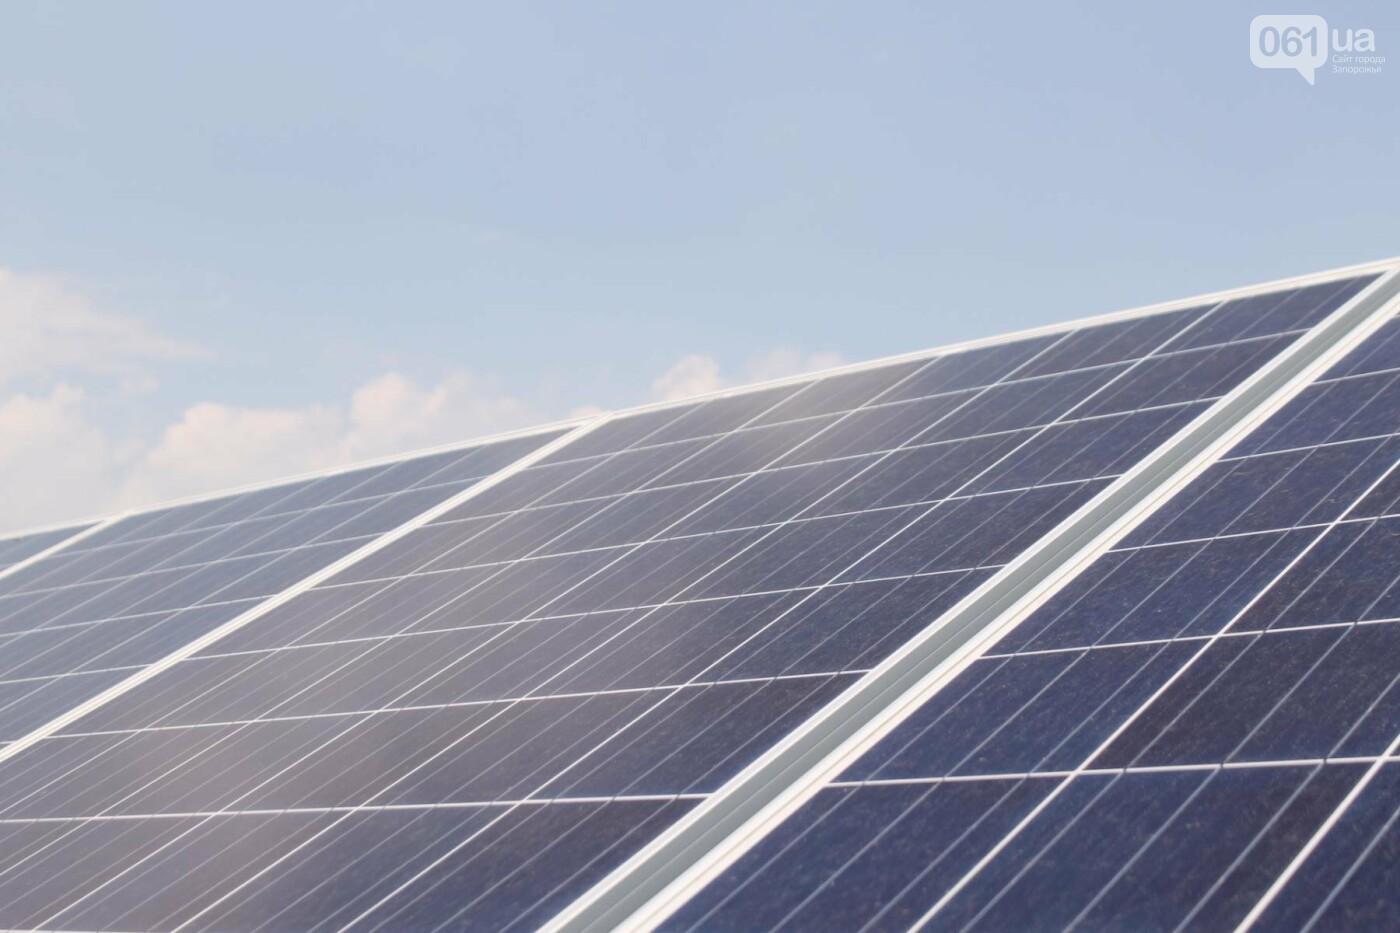 Как в Запорожской области работает крупнейшая в Украине солнечная станция: экскурсия на производство, — ФОТОРЕПОРТАЖ, фото-9